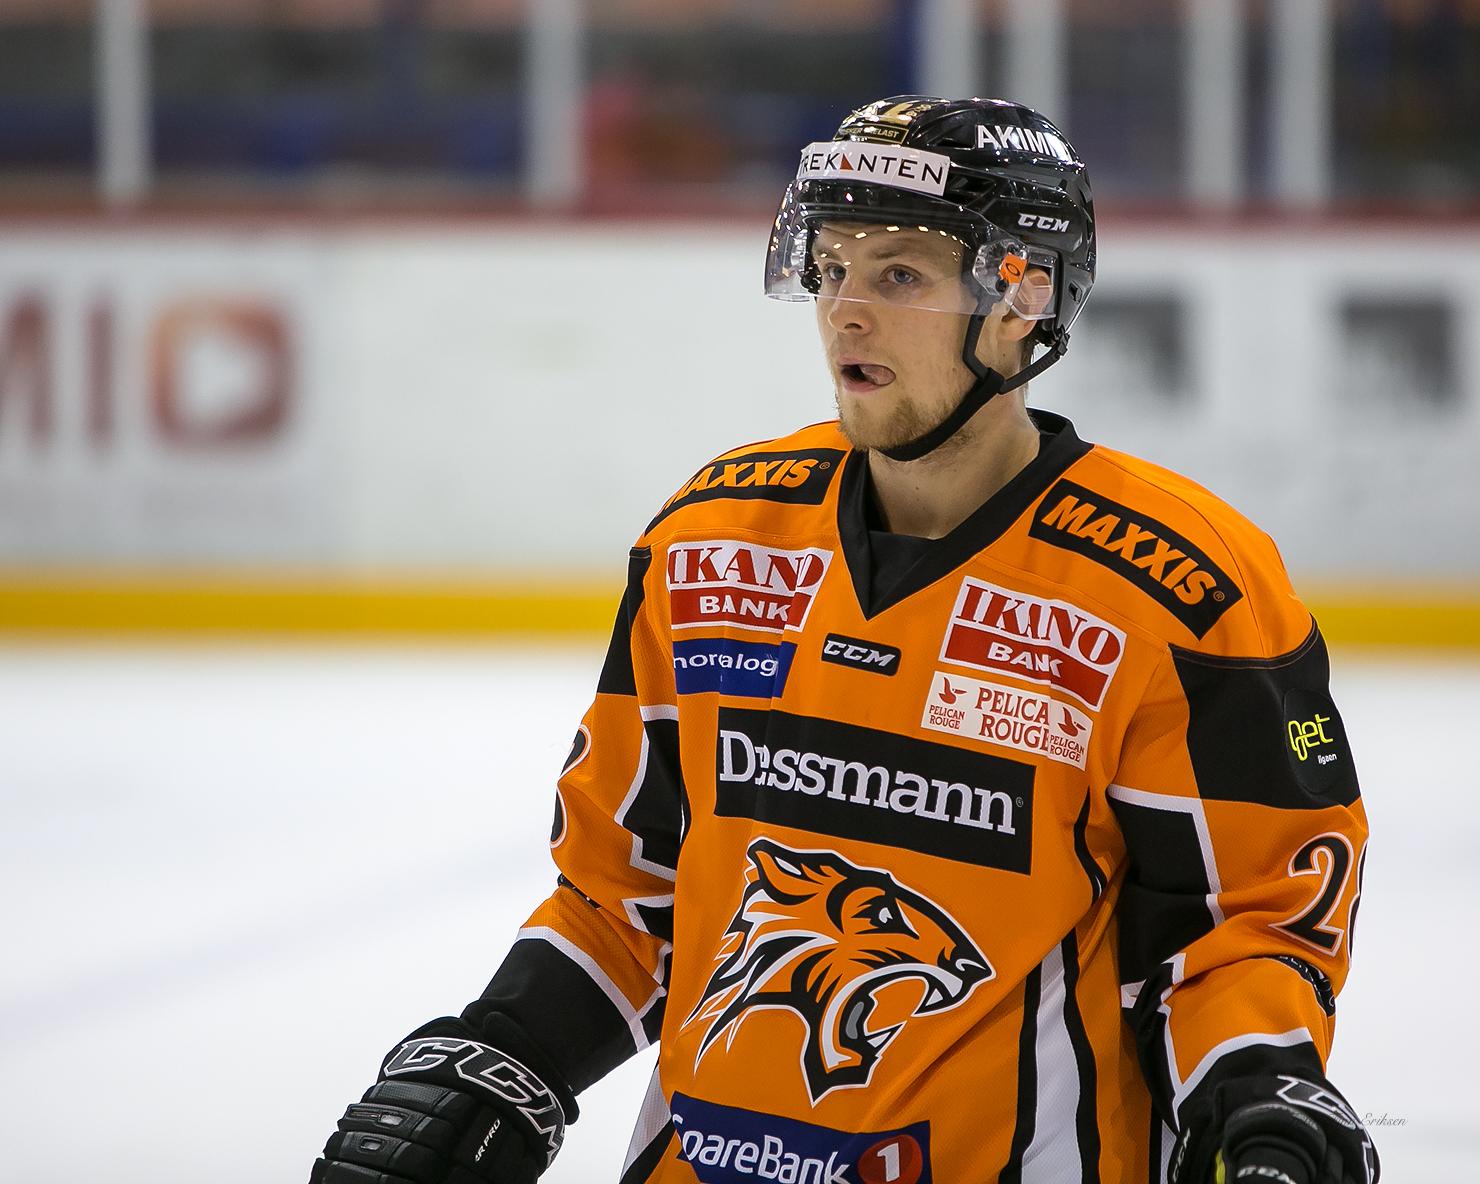 Patrick Ulriksen